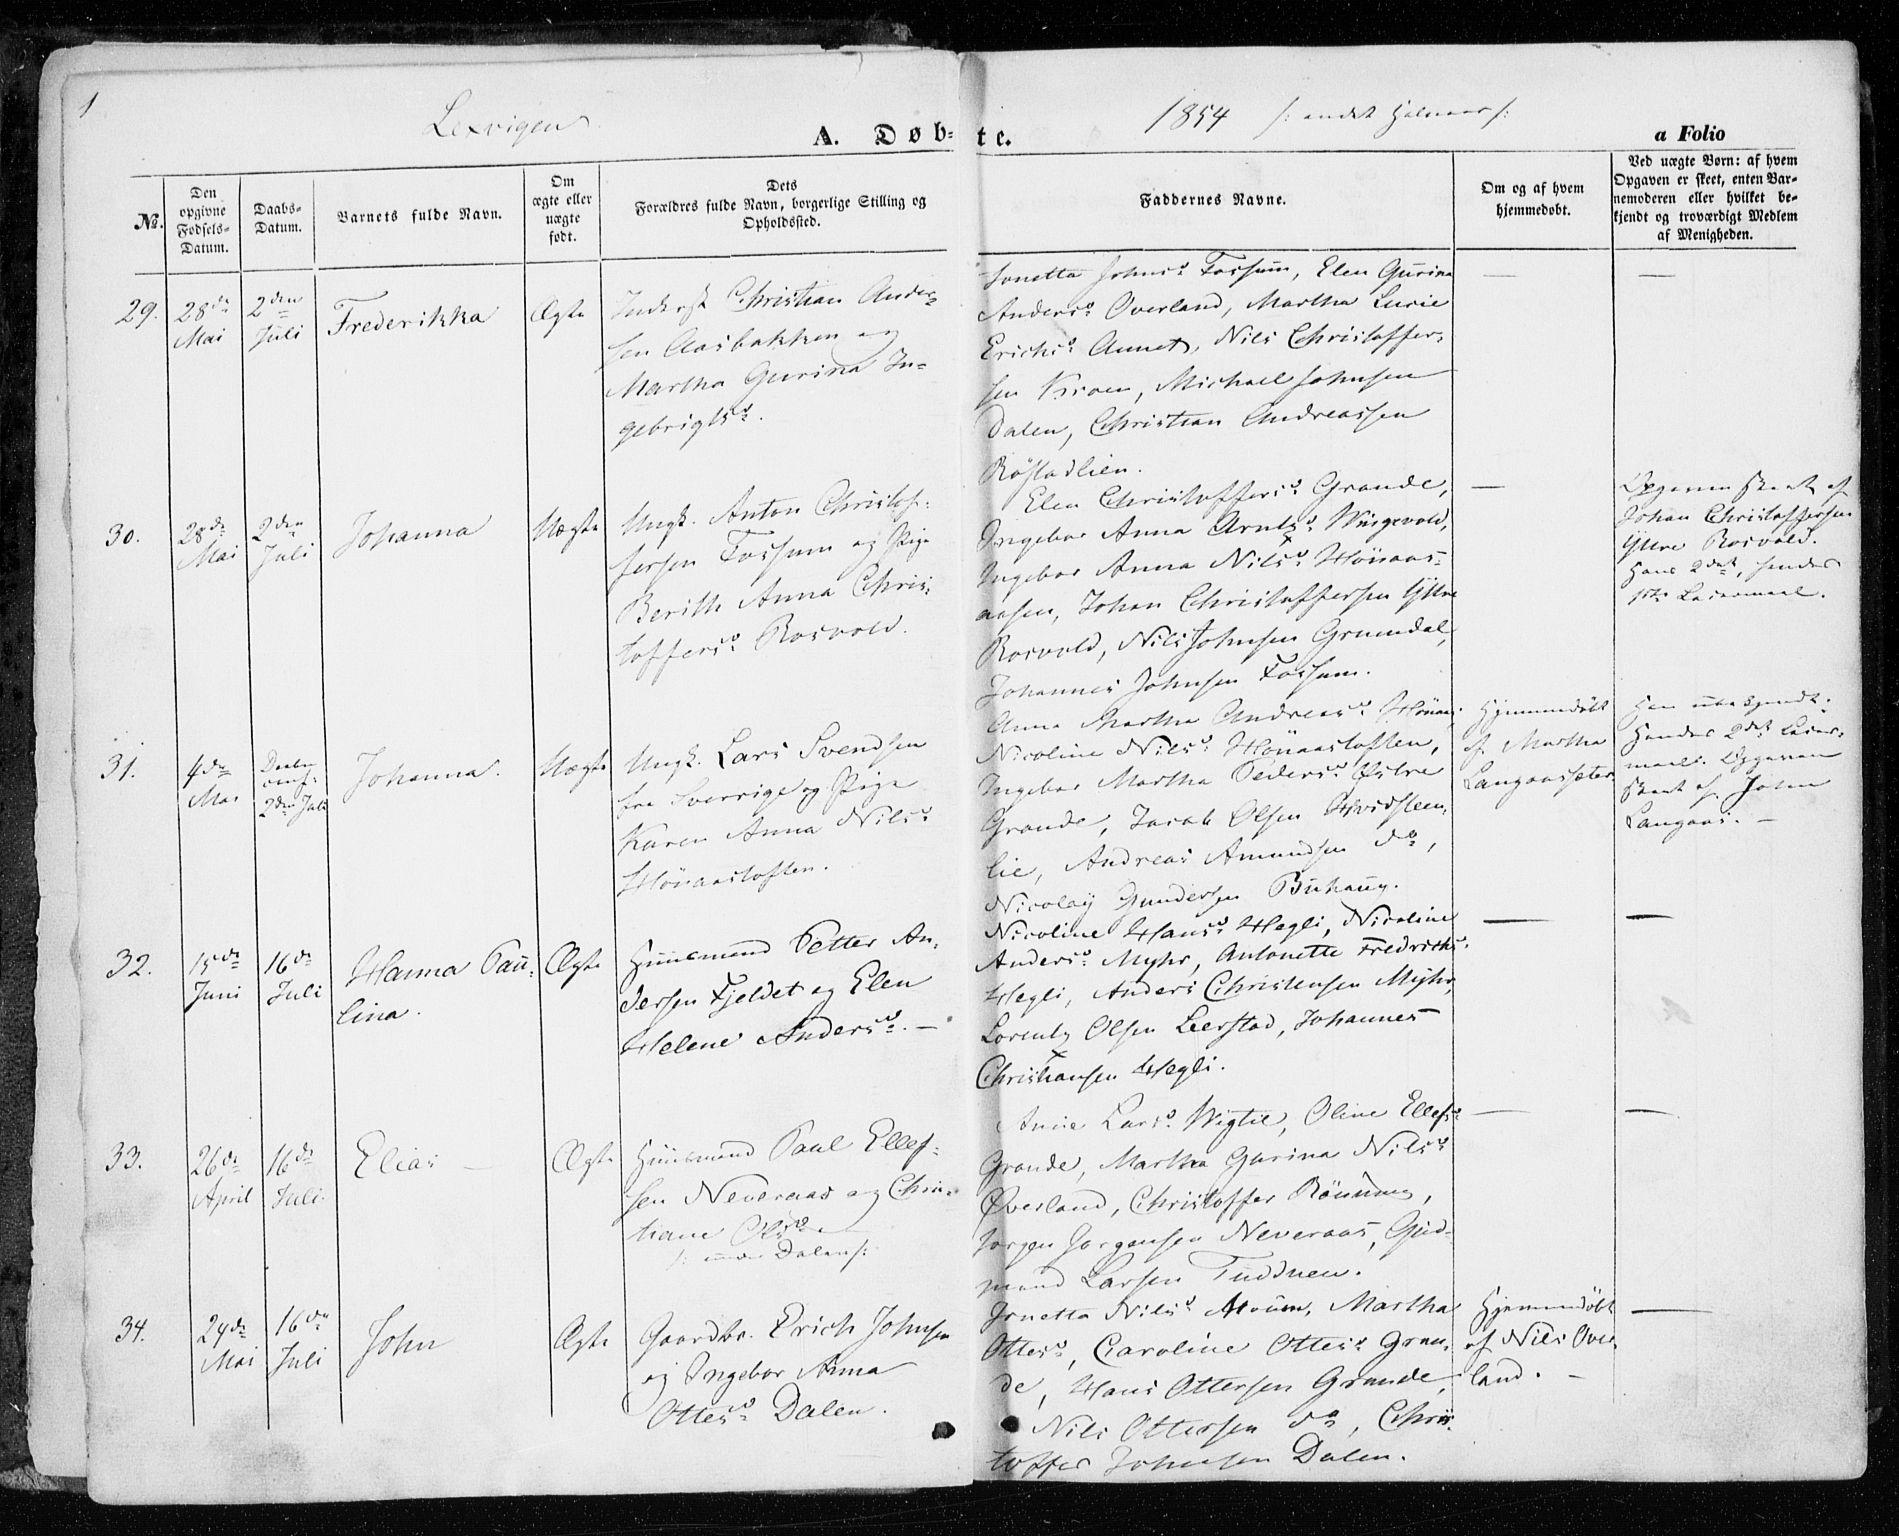 SAT, Ministerialprotokoller, klokkerbøker og fødselsregistre - Nord-Trøndelag, 701/L0008: Ministerialbok nr. 701A08 /1, 1854-1863, s. 1